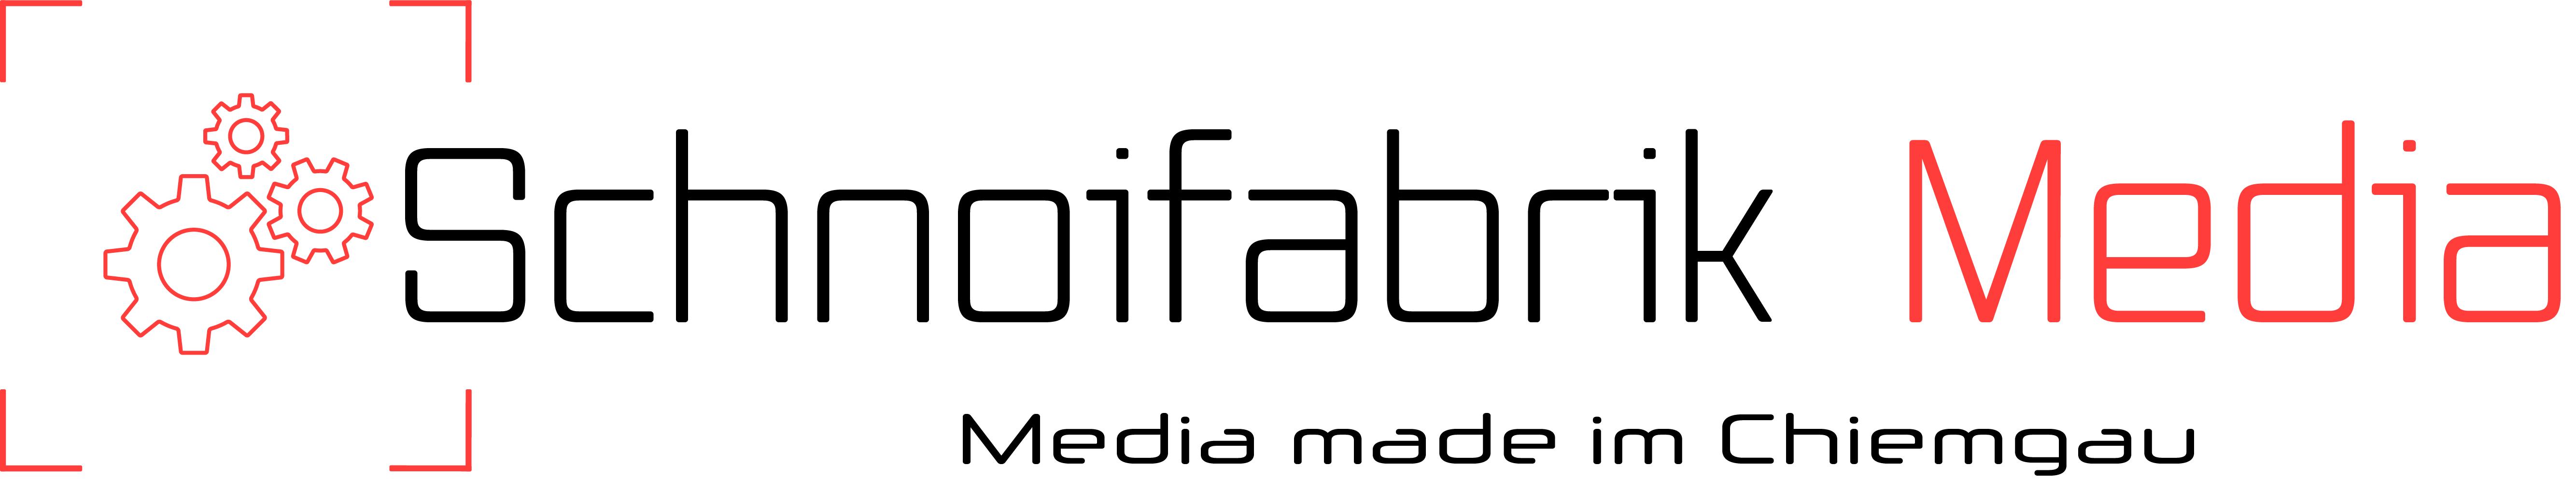 05092018_Logo_Schnoifabrik Media_transparenter Hintergrund